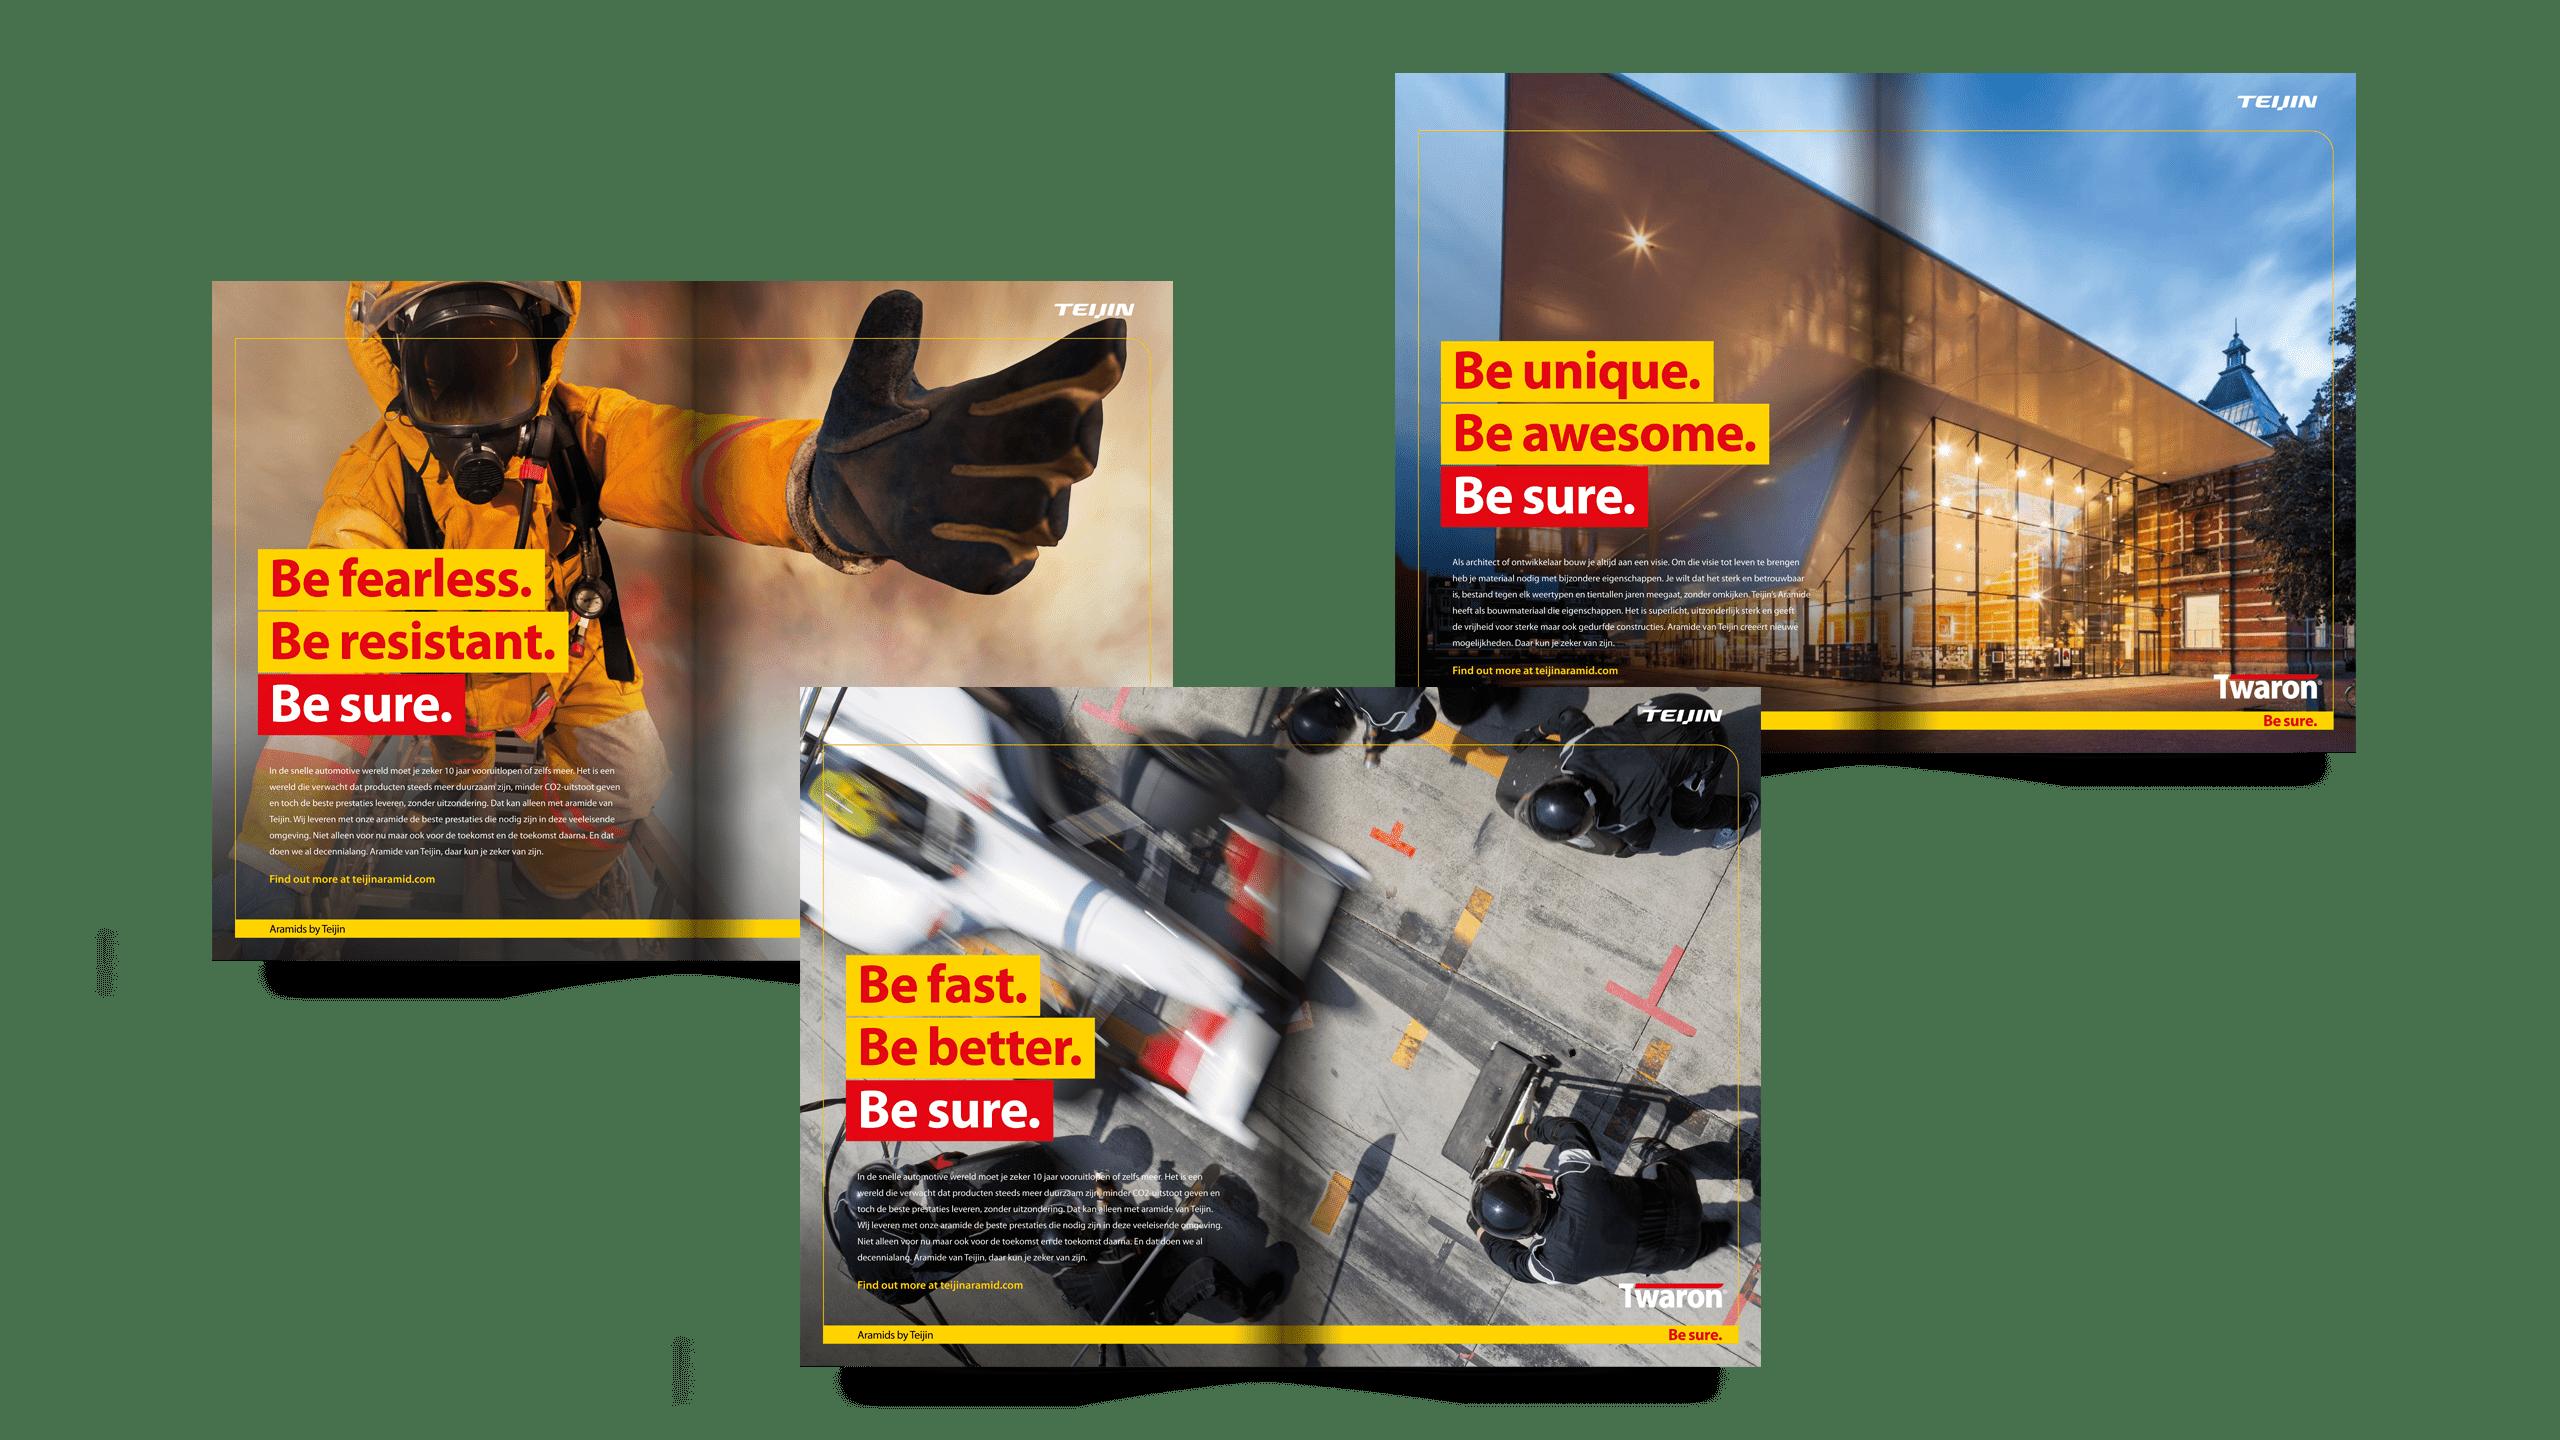 Advertenties binnen nieuwe corporate identity Teijin Aramid met brandweer, Formule 1 en Stedelijk Museum